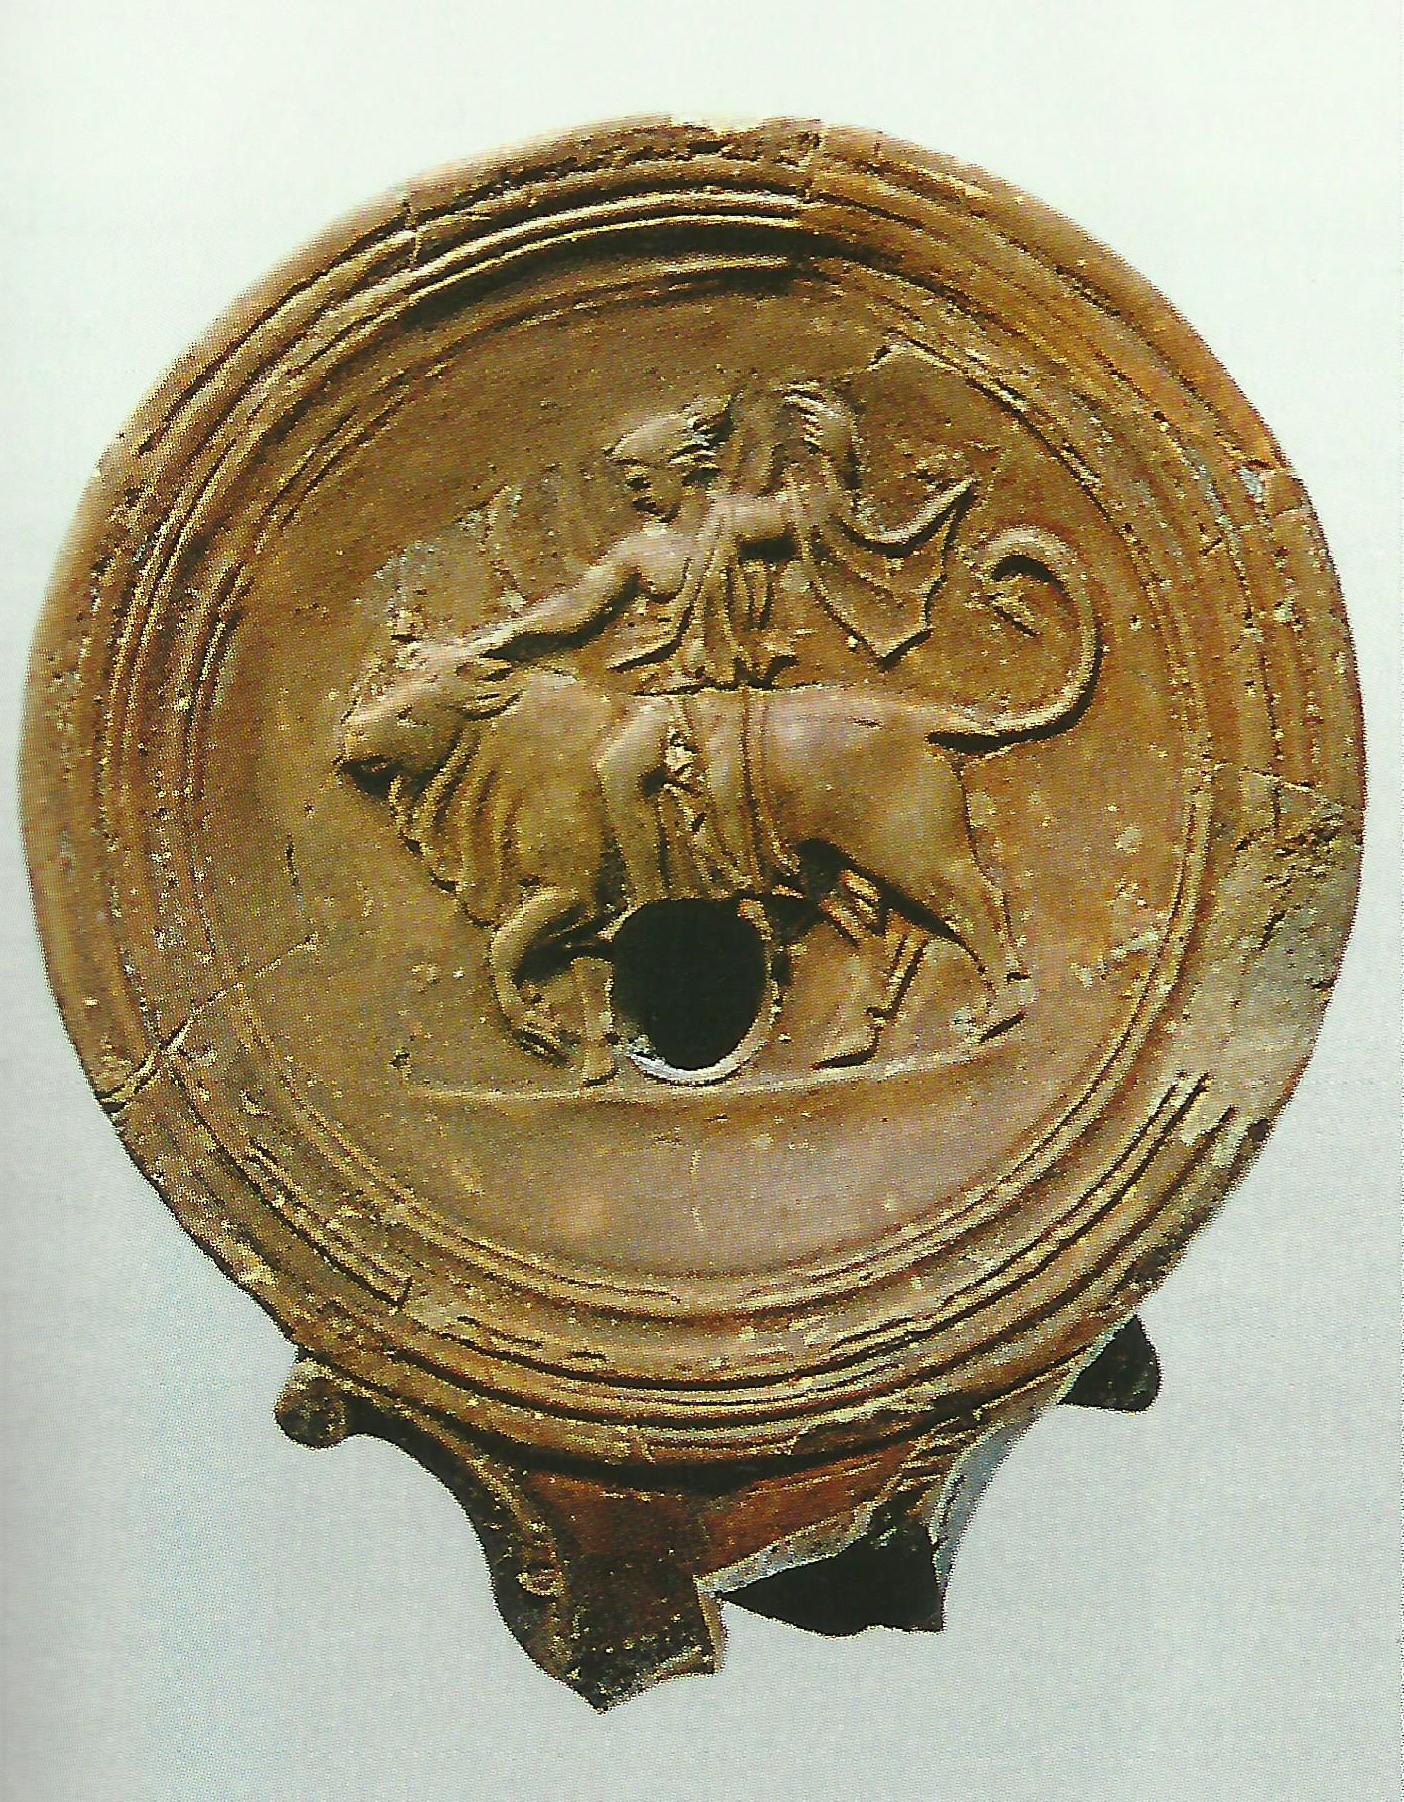 Hlinený kahanec zdobený reliéfom, ktorý znázorňuje boha Dia (Zeus) v podobe býka unášajúceho Európu, 1. stor. n. l., Bratislava-Devín